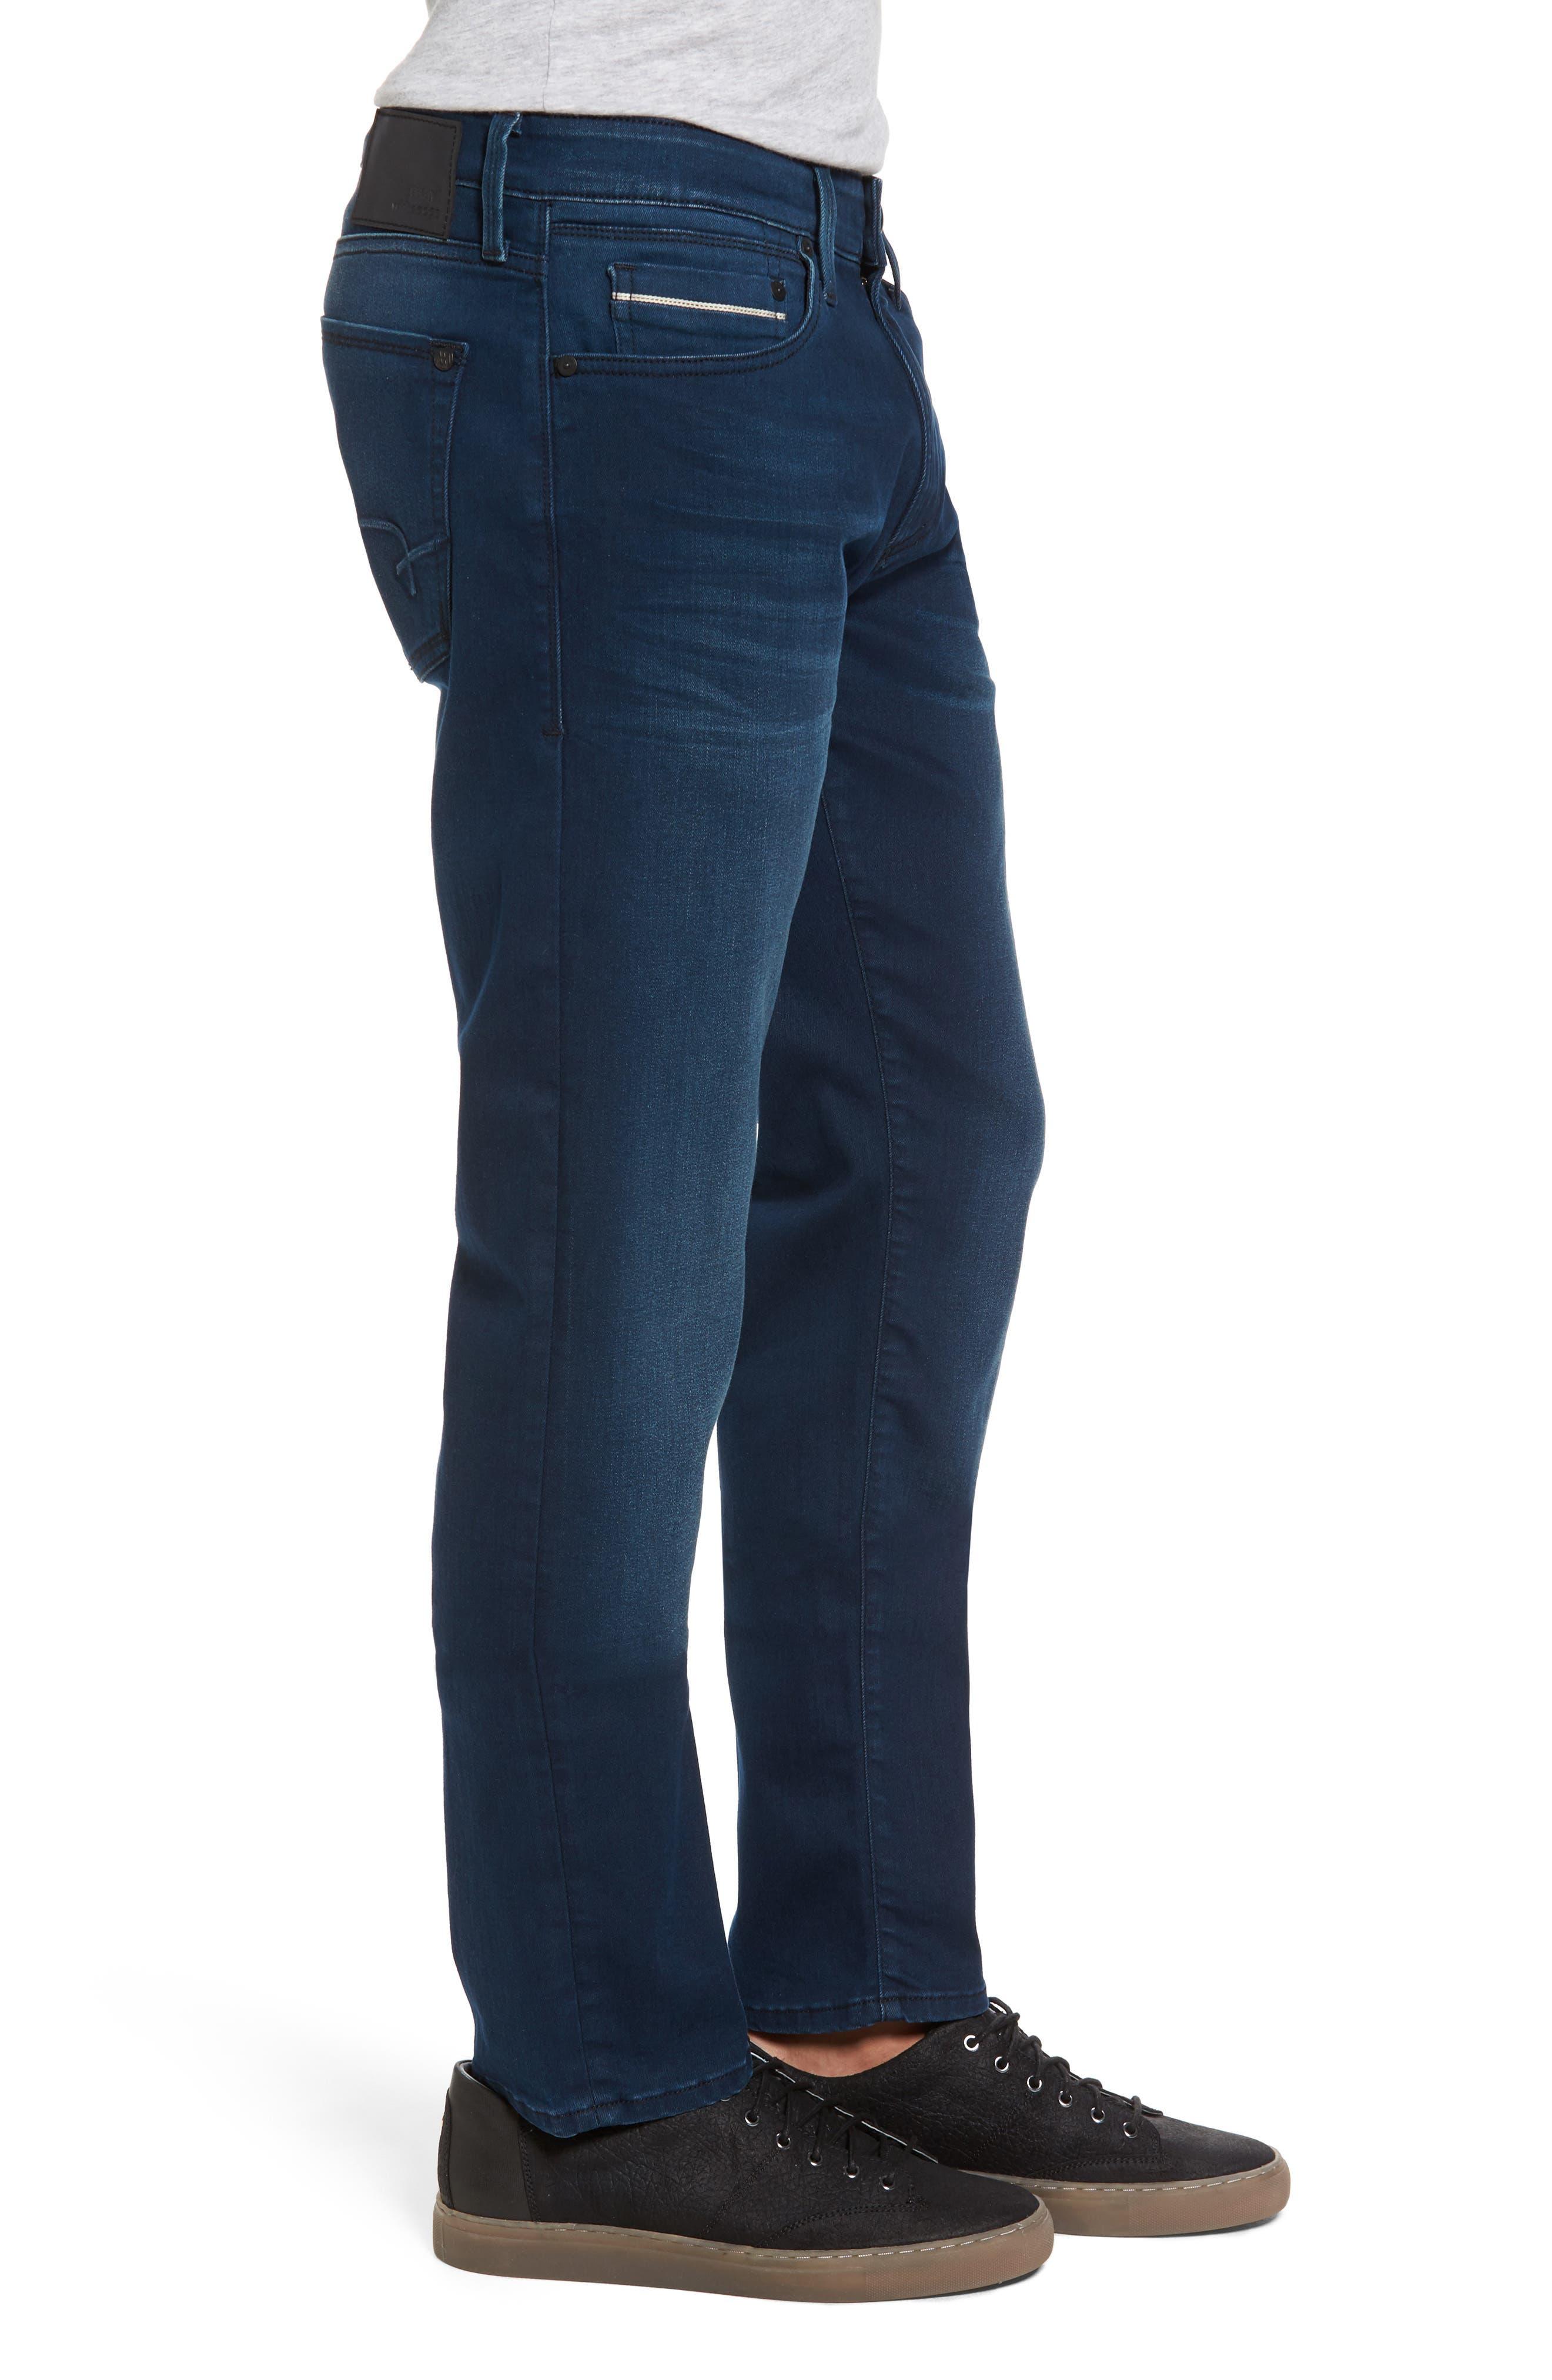 Jake Slim Fit Jeans,                             Alternate thumbnail 3, color,                             Ink Brushed Williamsburg